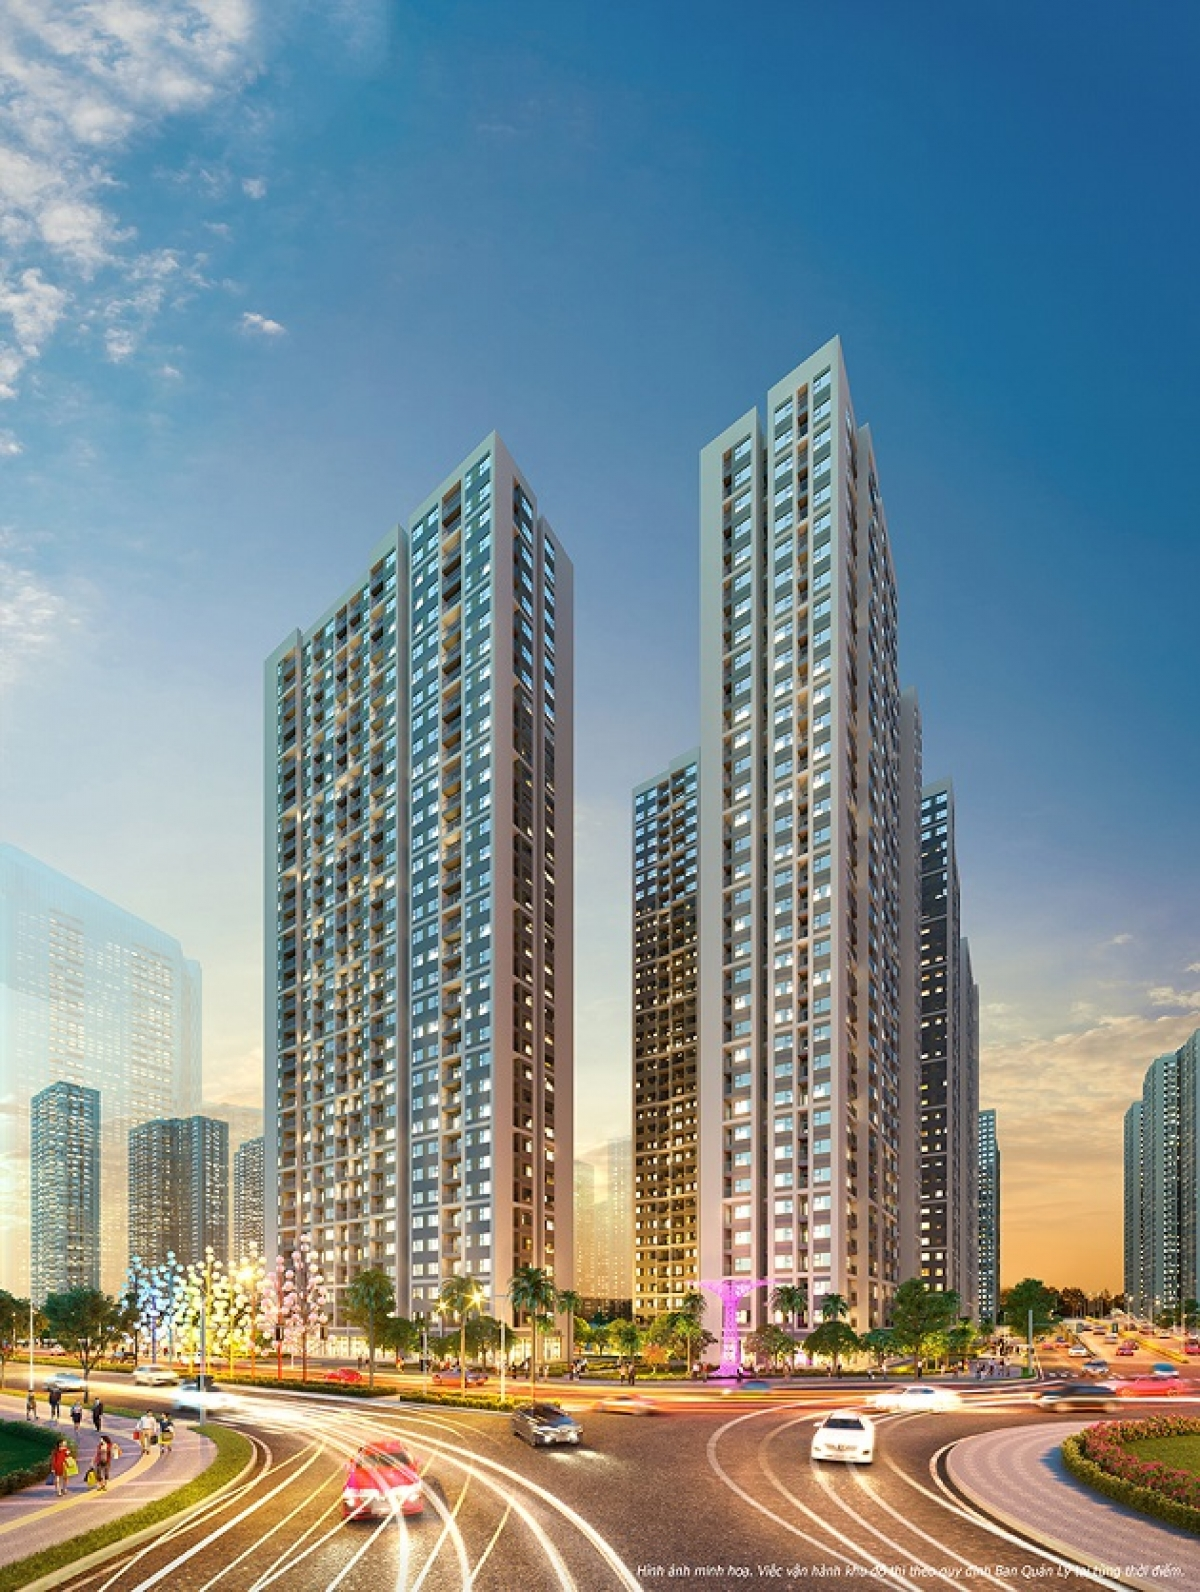 BĐS phía Tây liên tục thiết lập mặt bằng giá mới, đặc biệt tại các đại dự án sở hữu vị trí đắc địa và tiện ích đầy đủ, khép kín như Vinhomes Smart City.